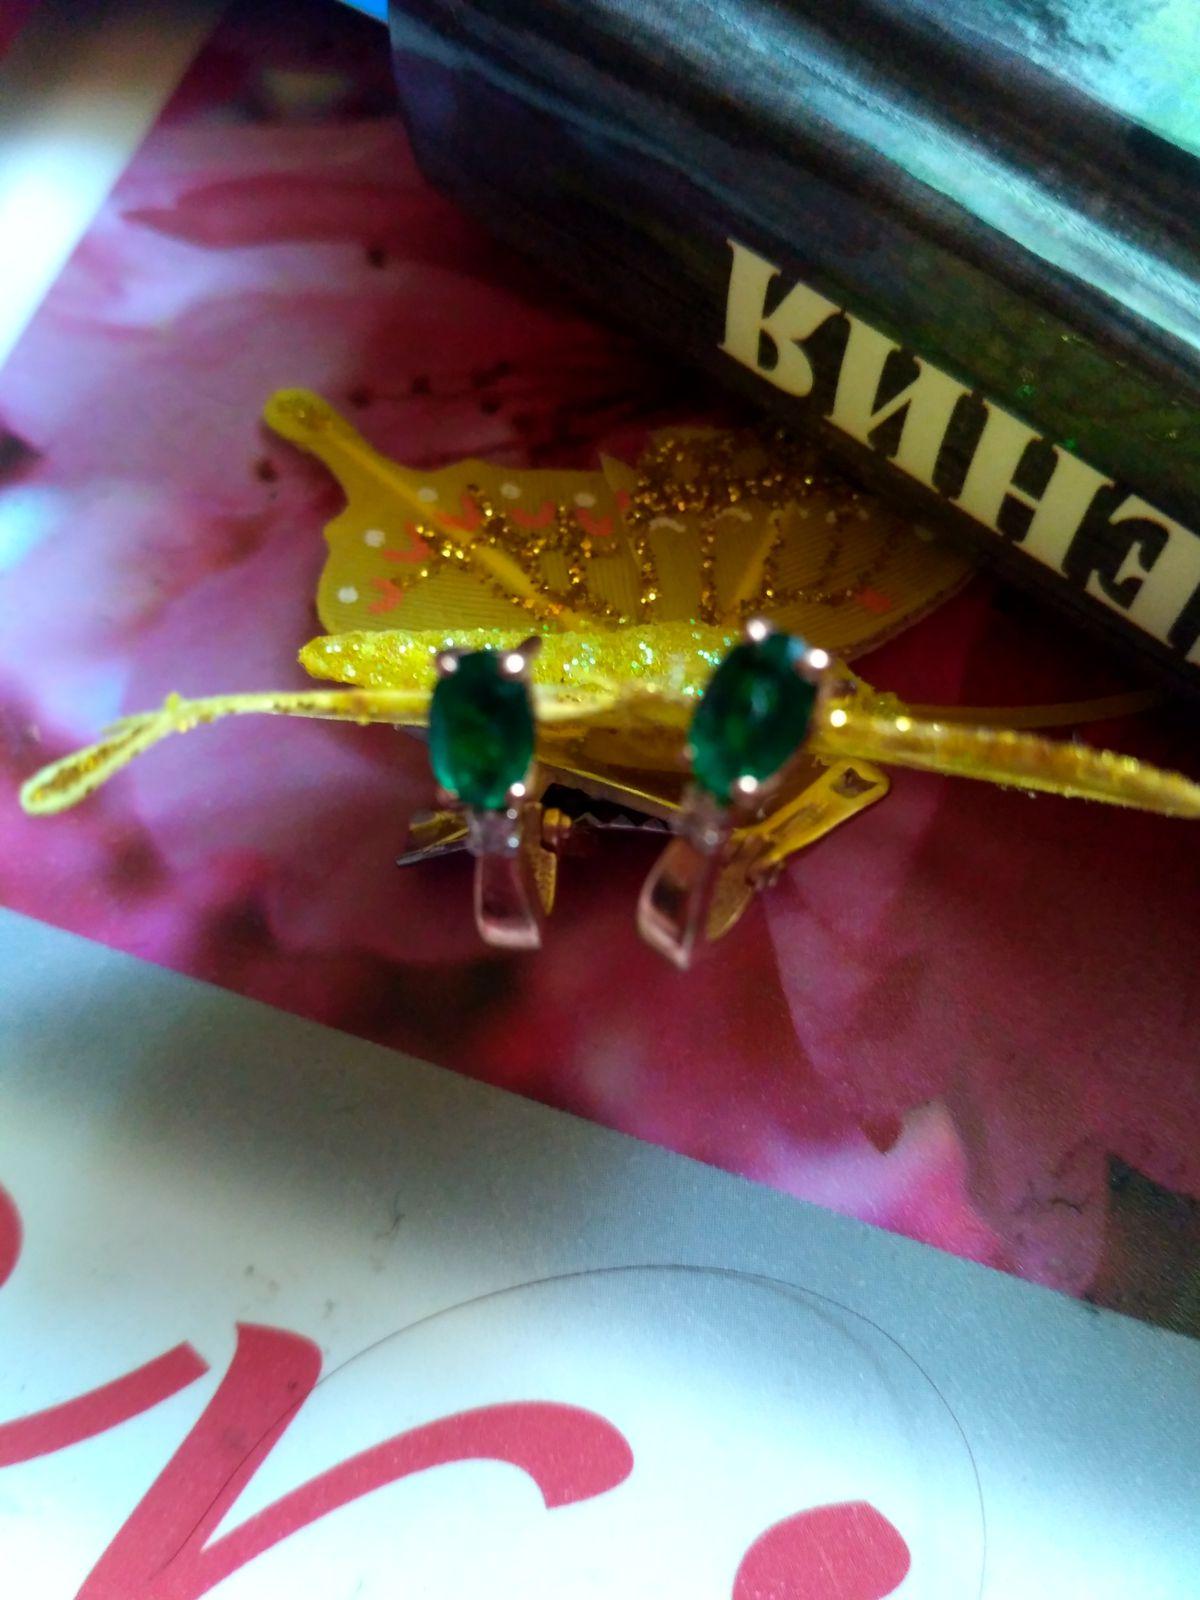 Сережки золотые с изумрудиками и бриллиантиками, очень лёгкие, нежные👑💍📿